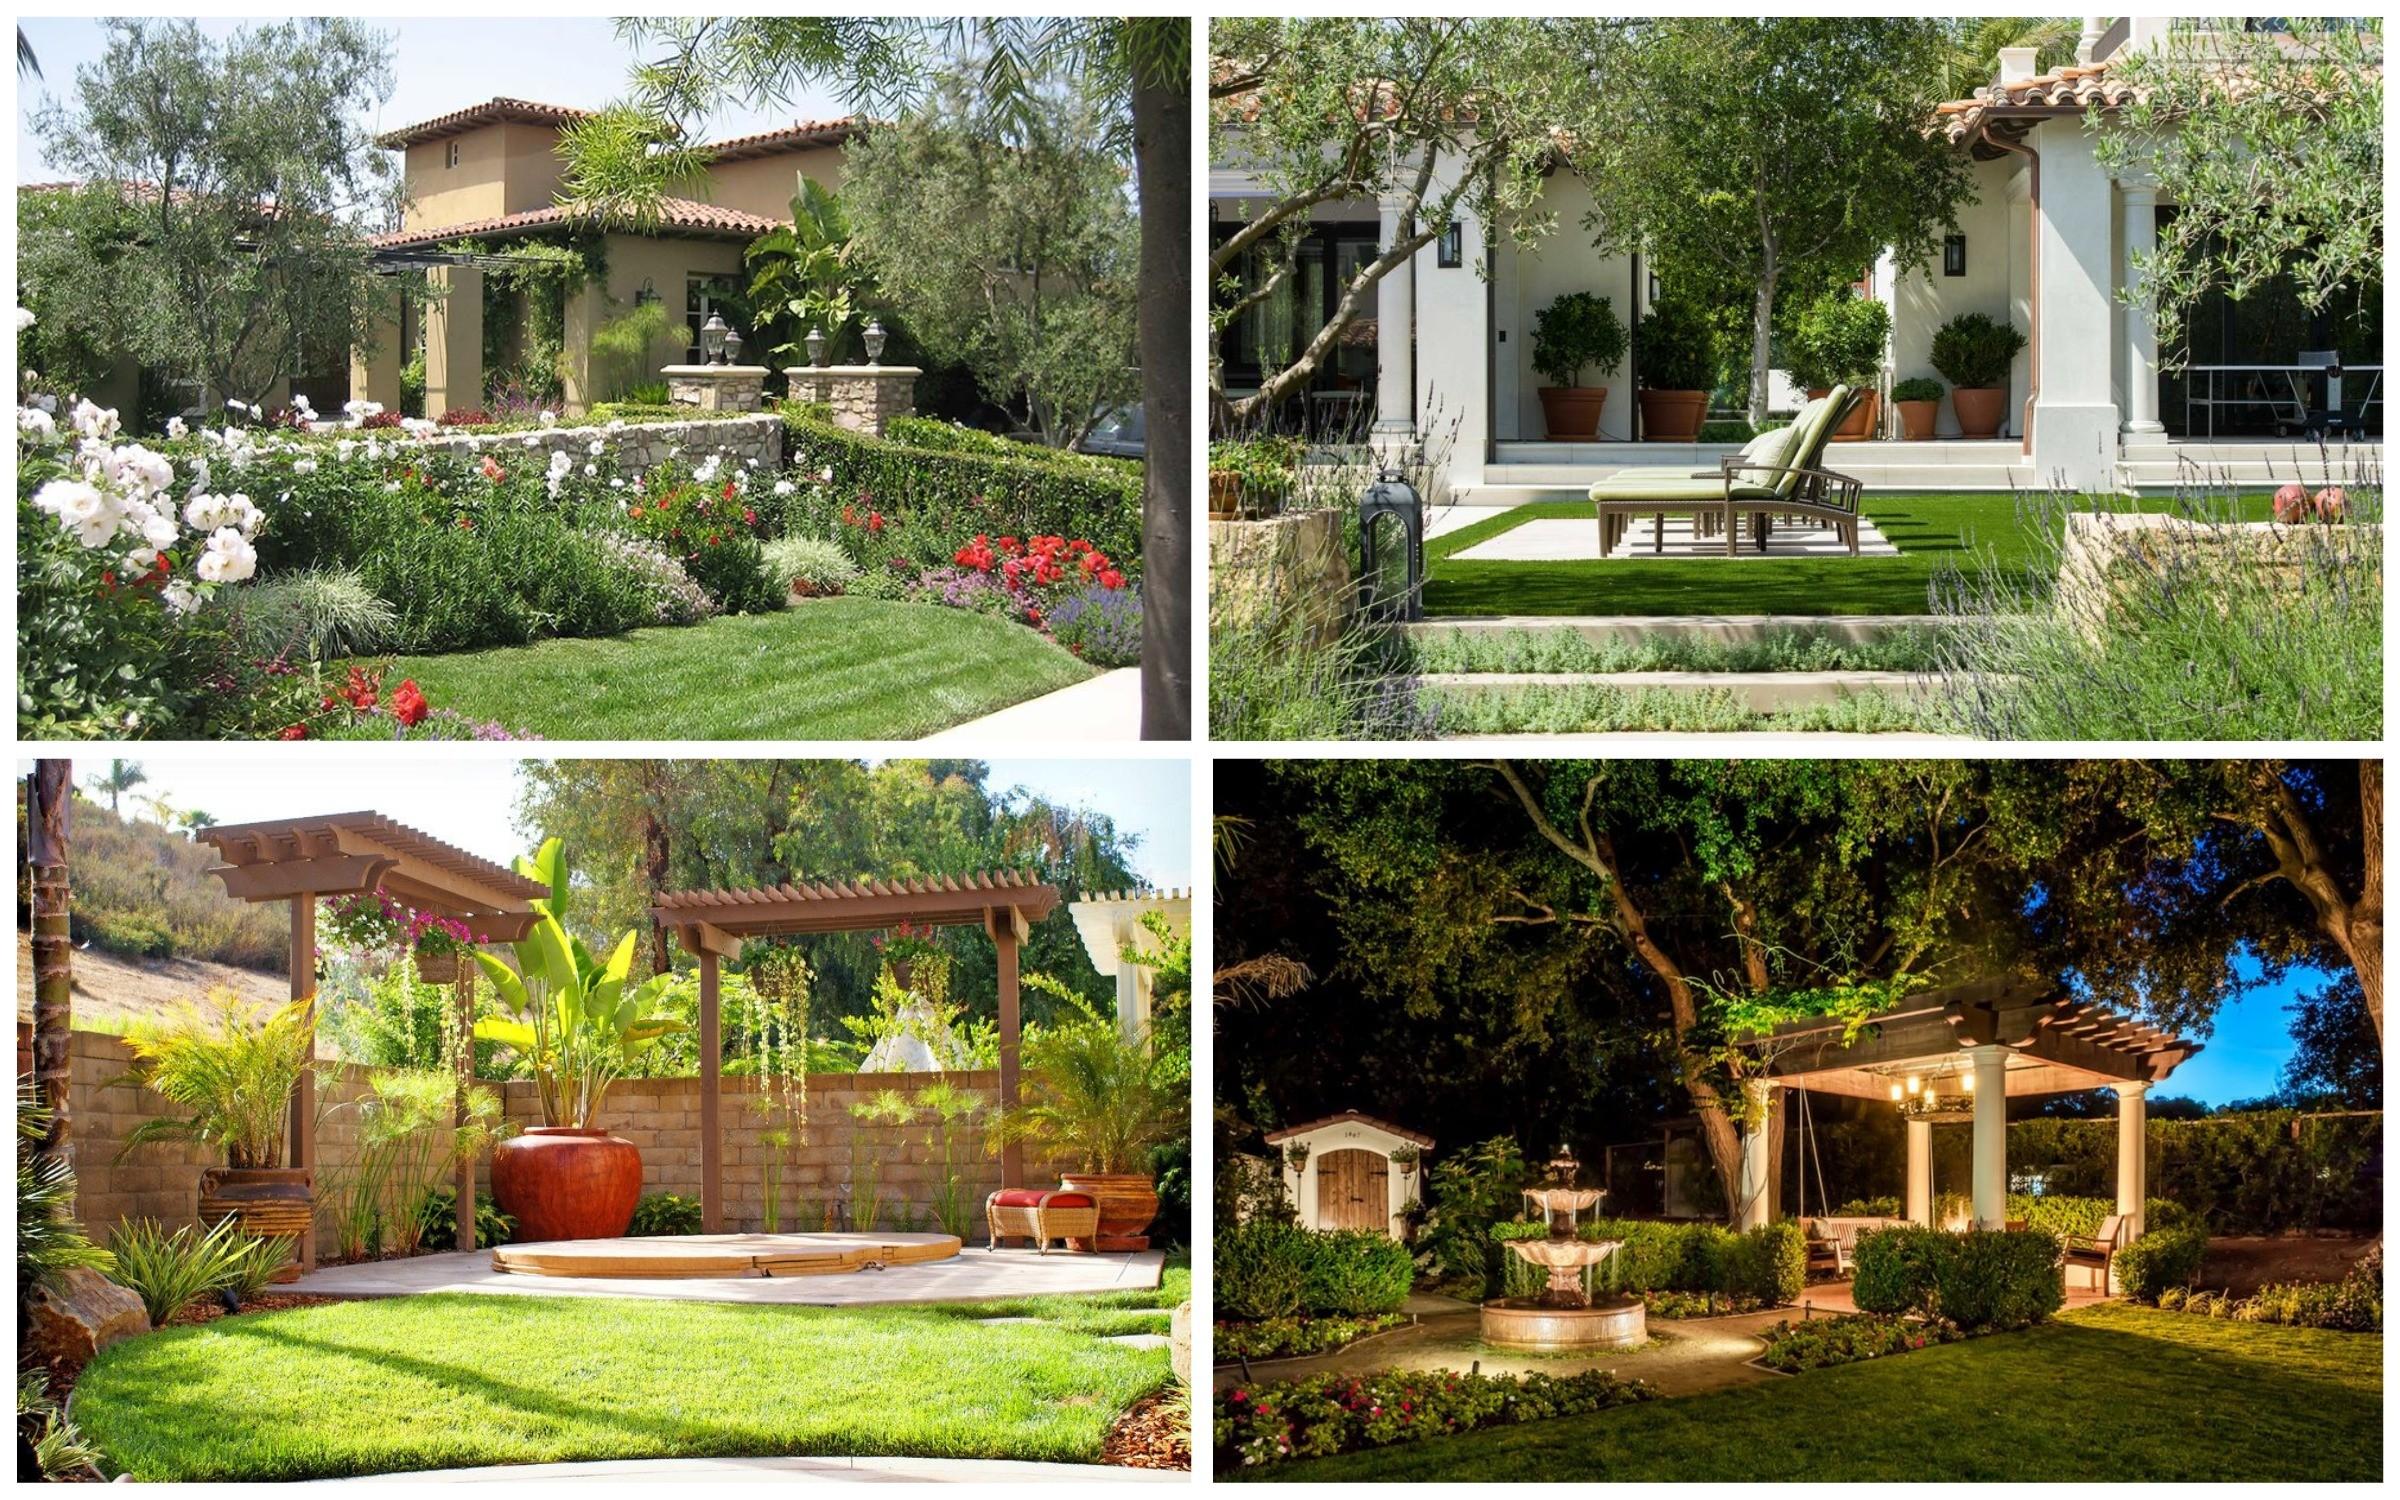 фото как устроен газон в итальянском саду